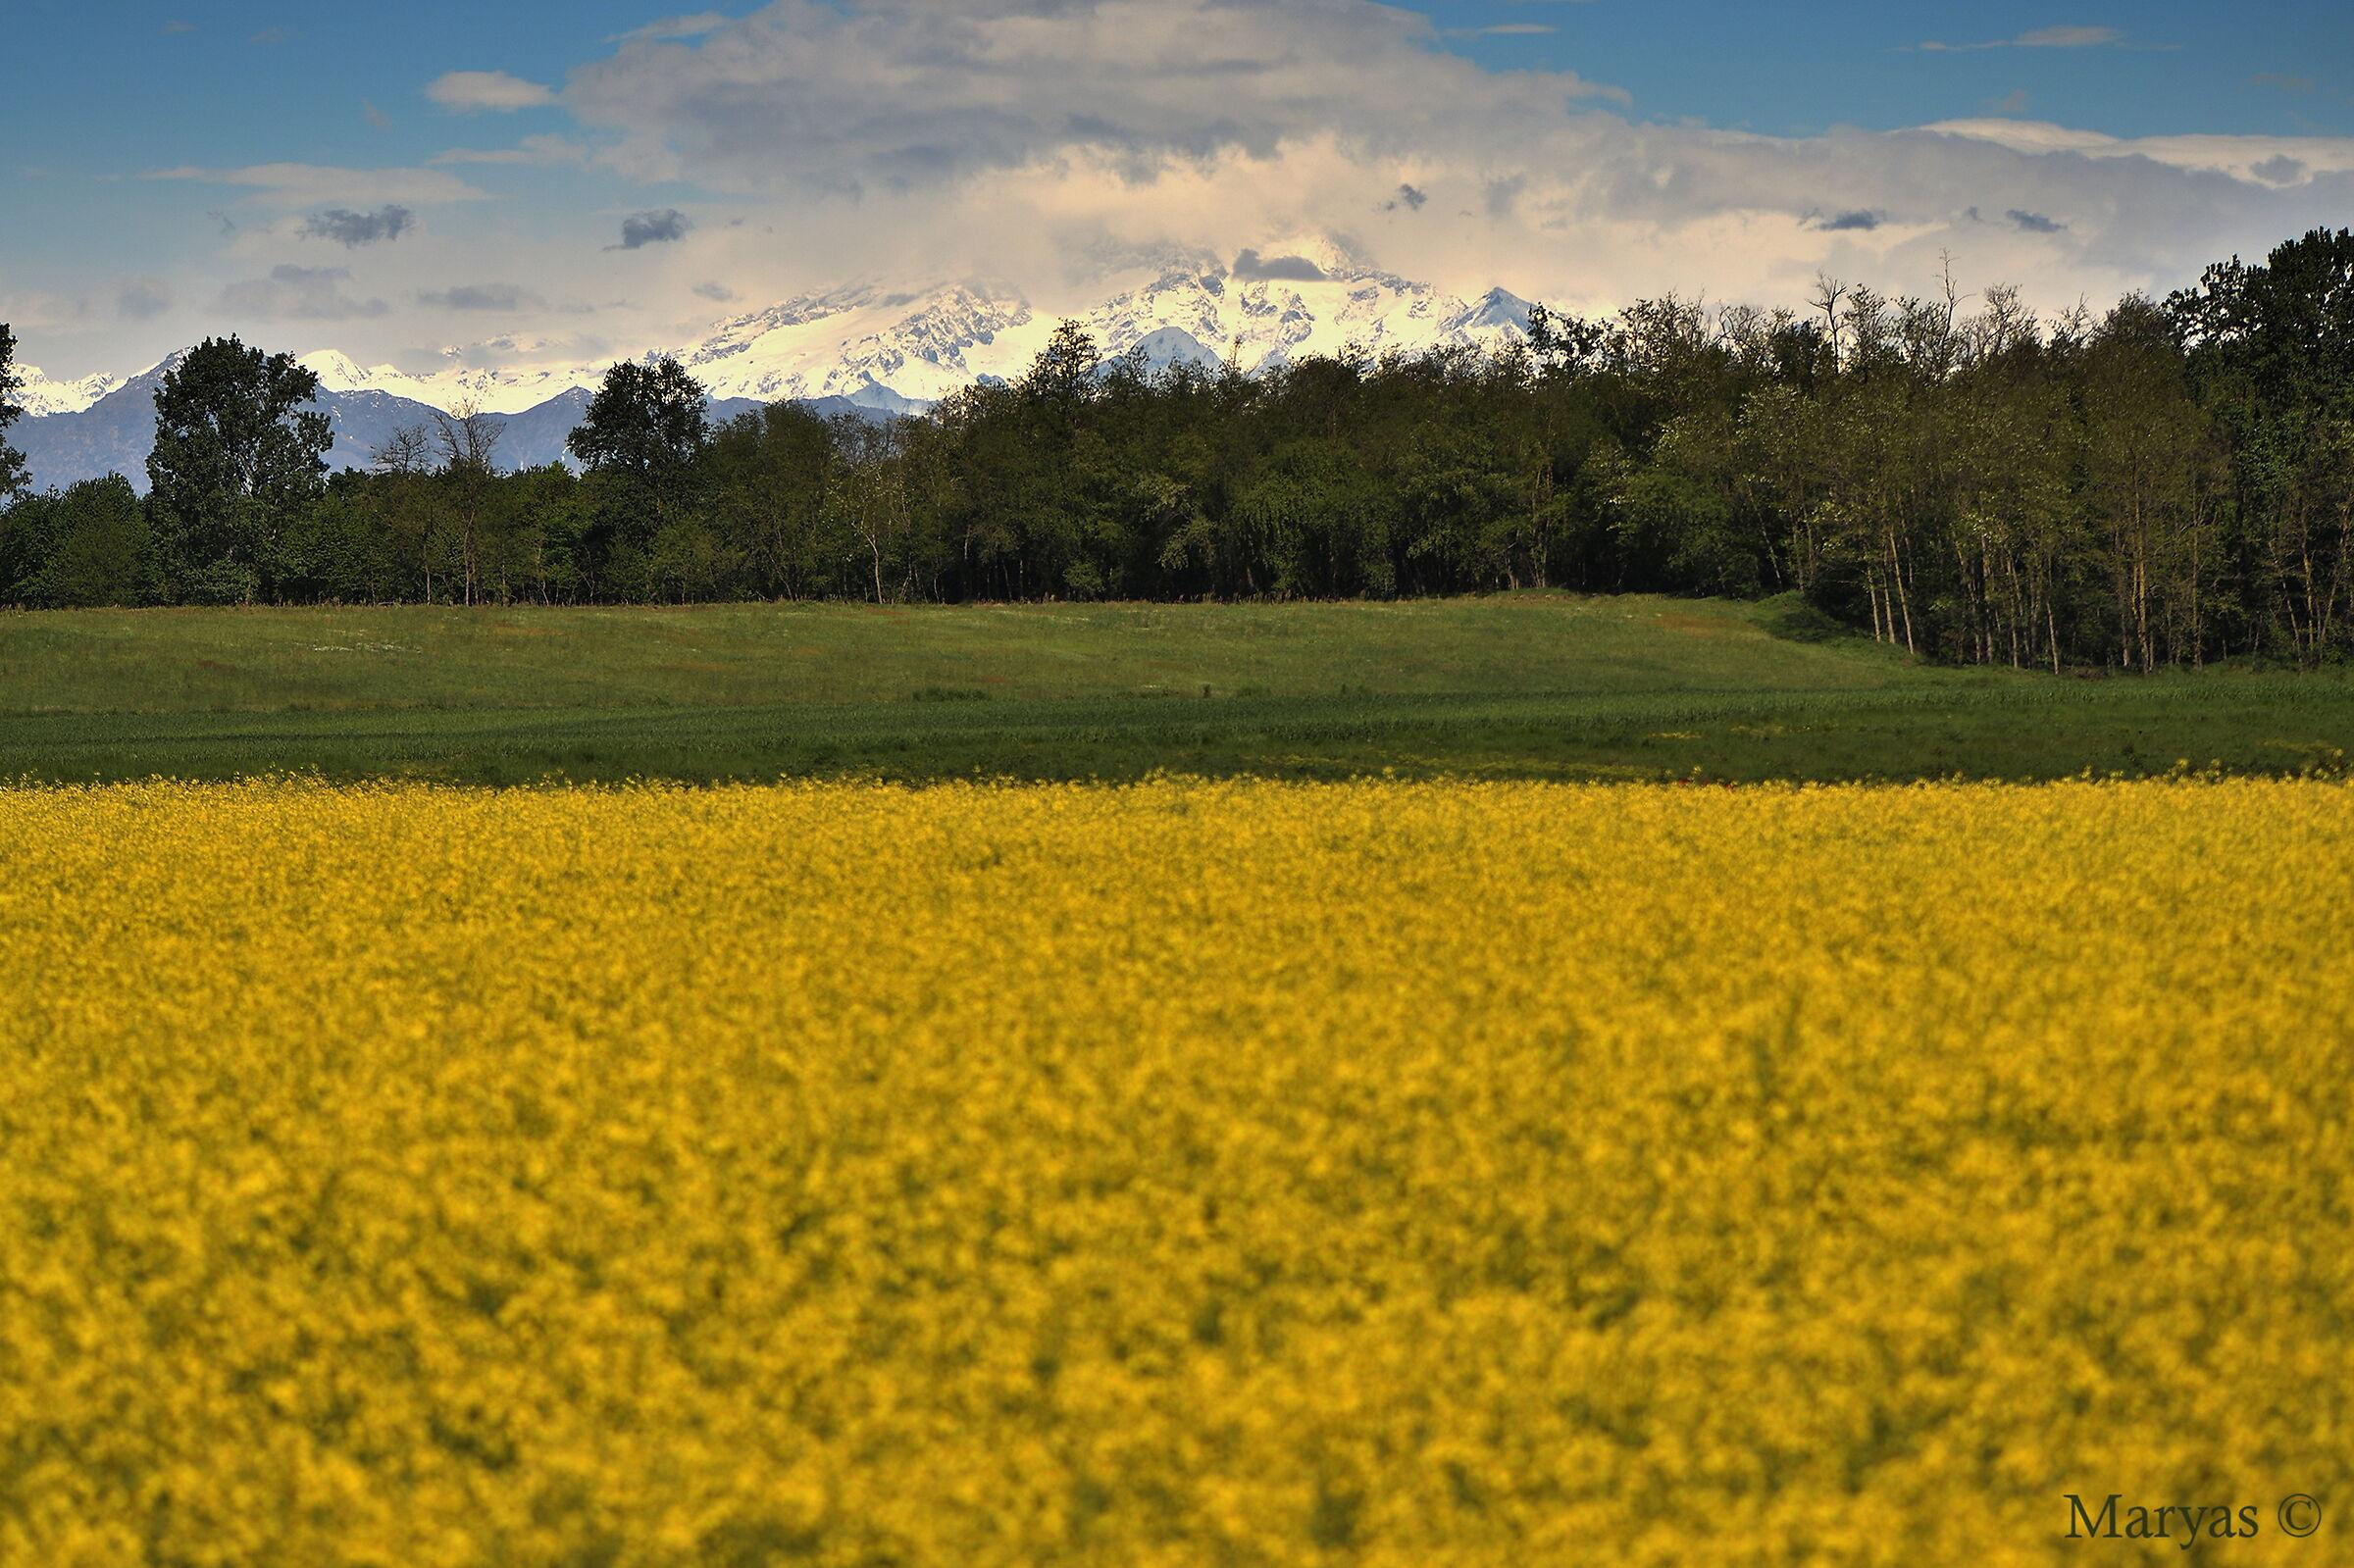 Paesaggio in giallo...